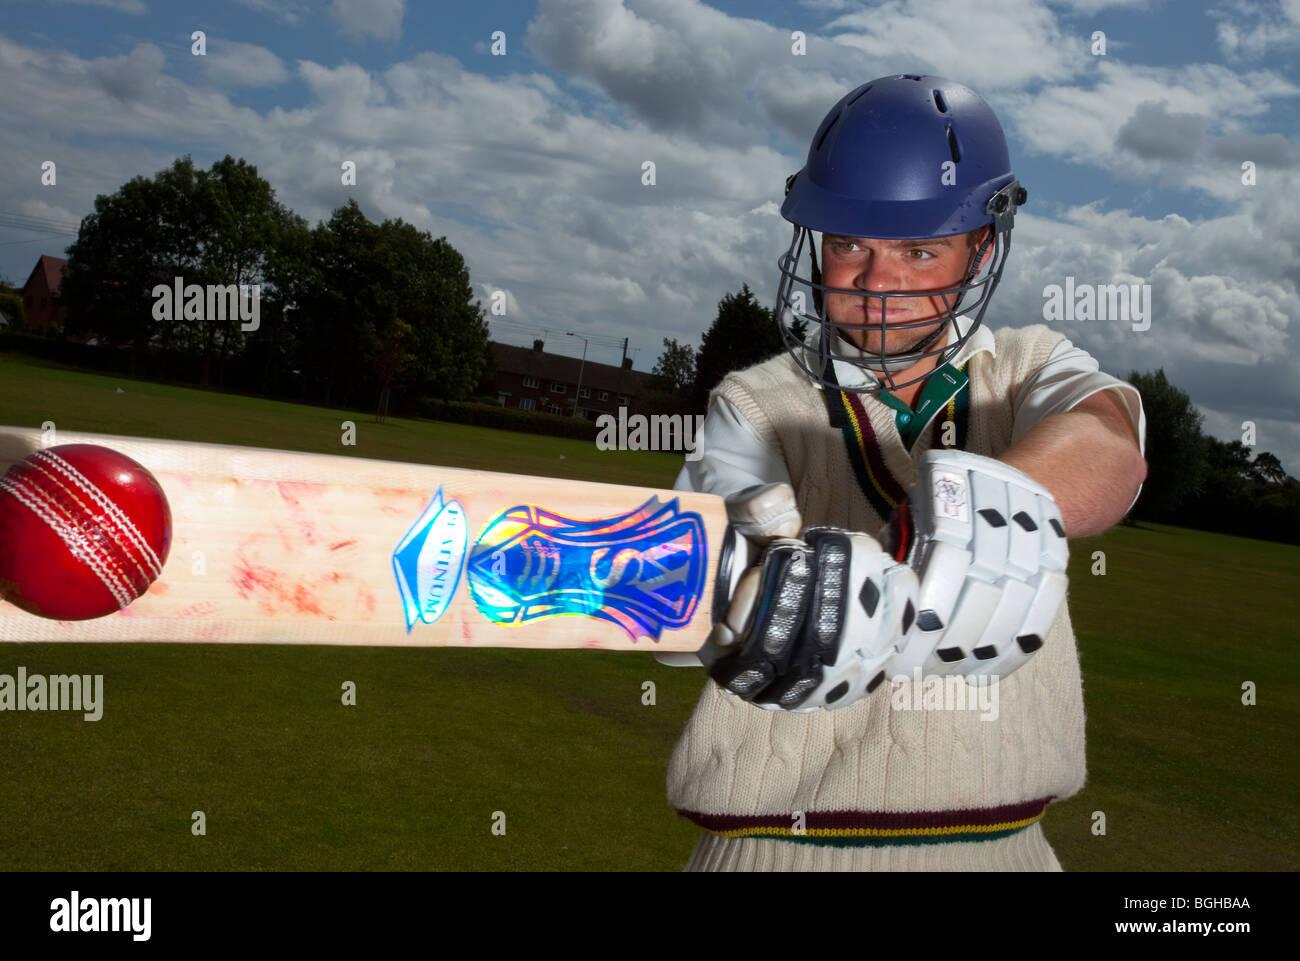 Giocatore di cricket battitore bat a sfera Immagini Stock